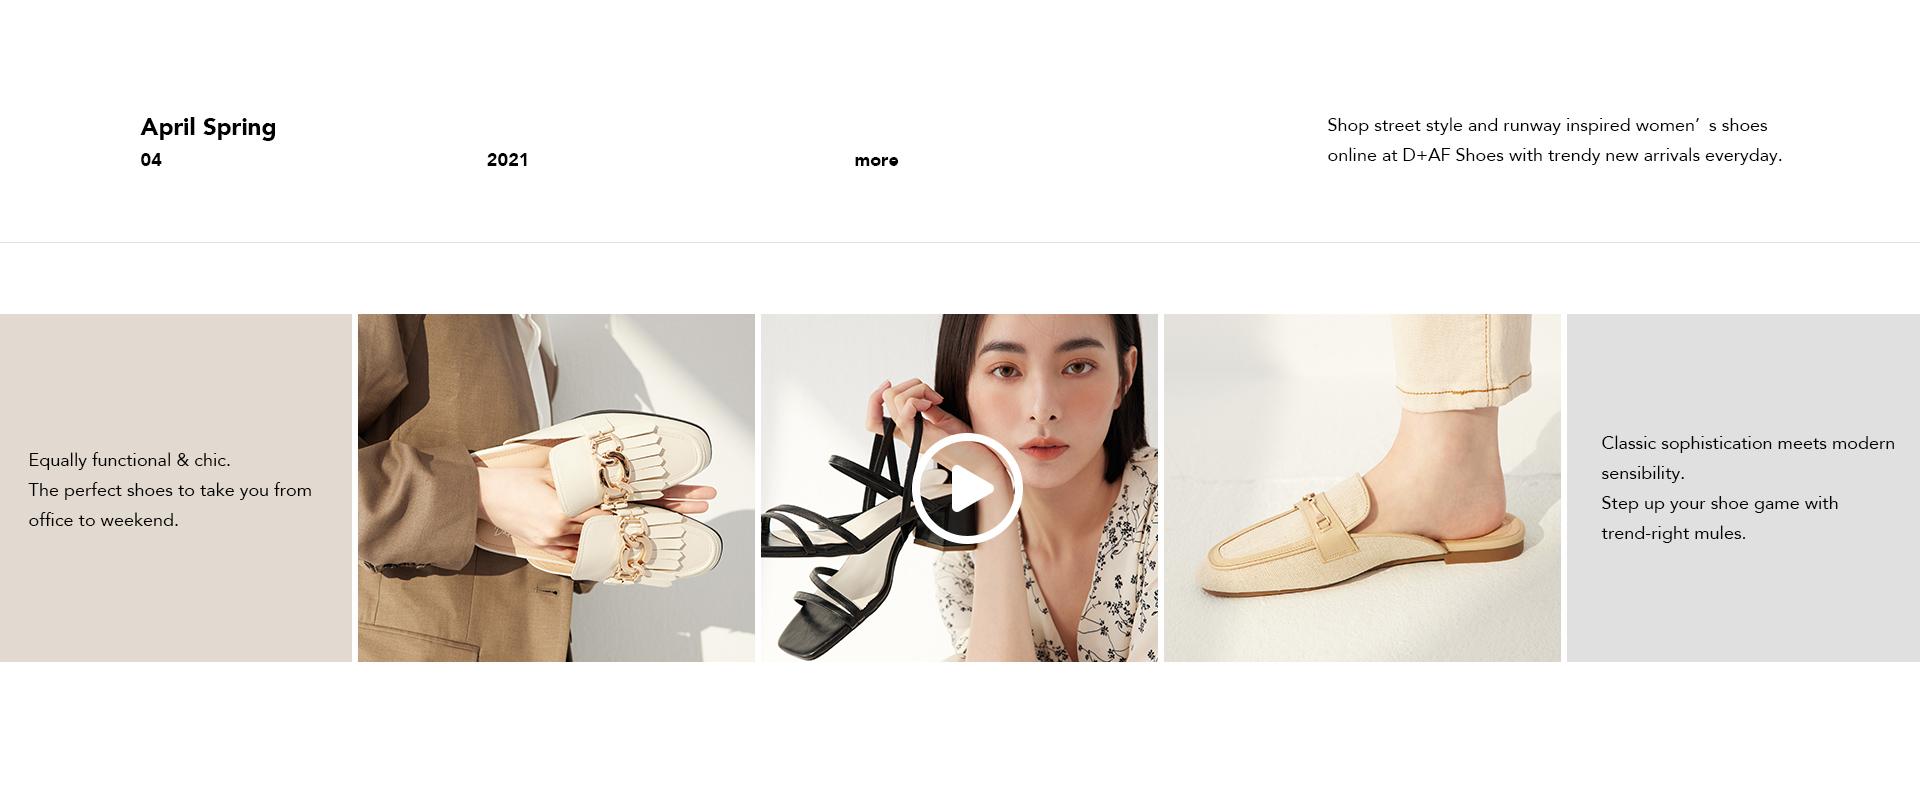 2021鞋子(女)推薦 流鞋女鞋 春夏鞋款 休閒鞋 一字涼鞋 涼鞋